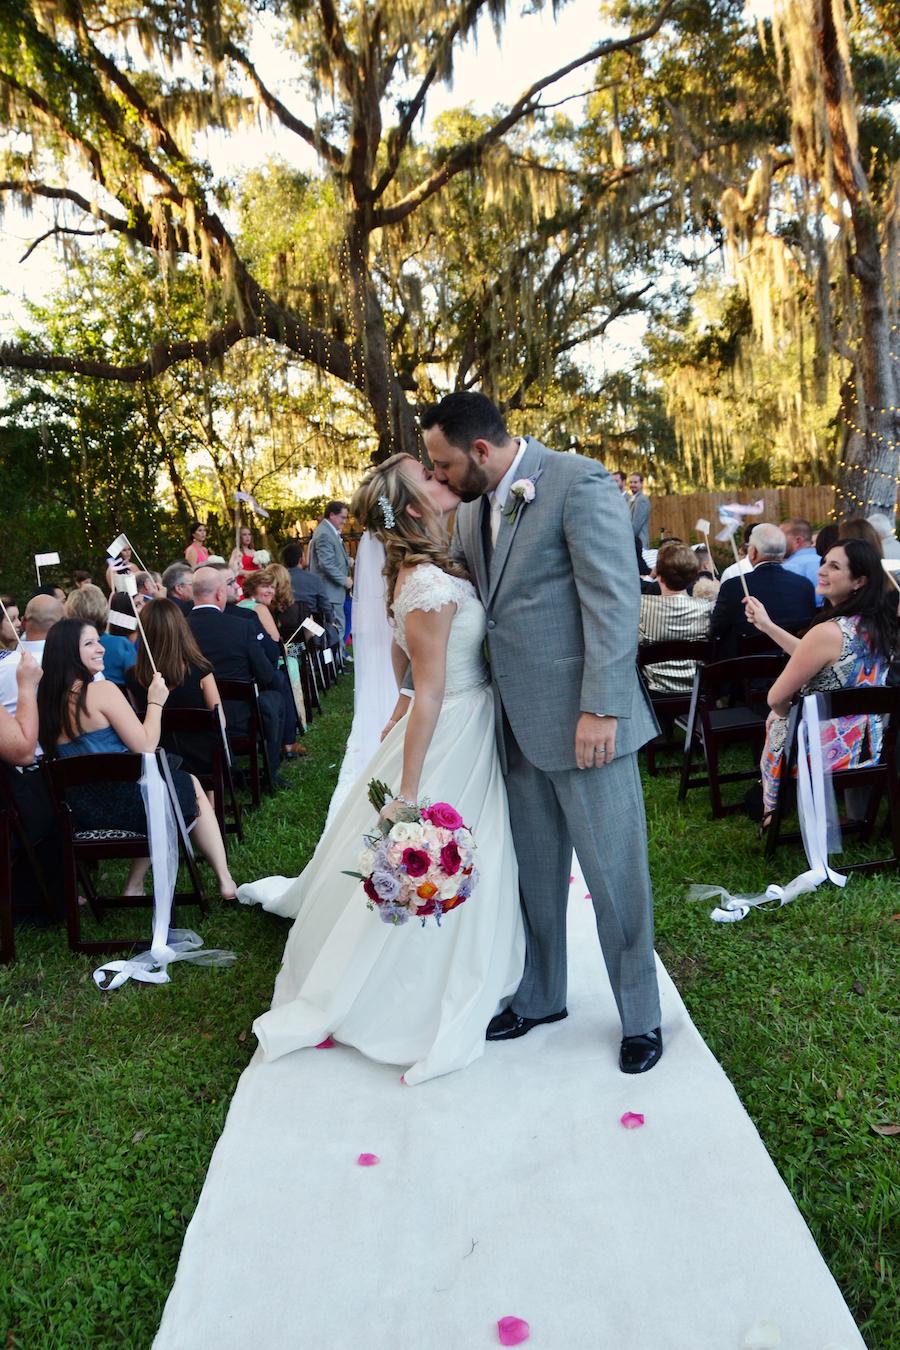 Rustic, Romantic Outdoor Wedding Ceremony at Sarasota Wedding Venue Bakers Ranch